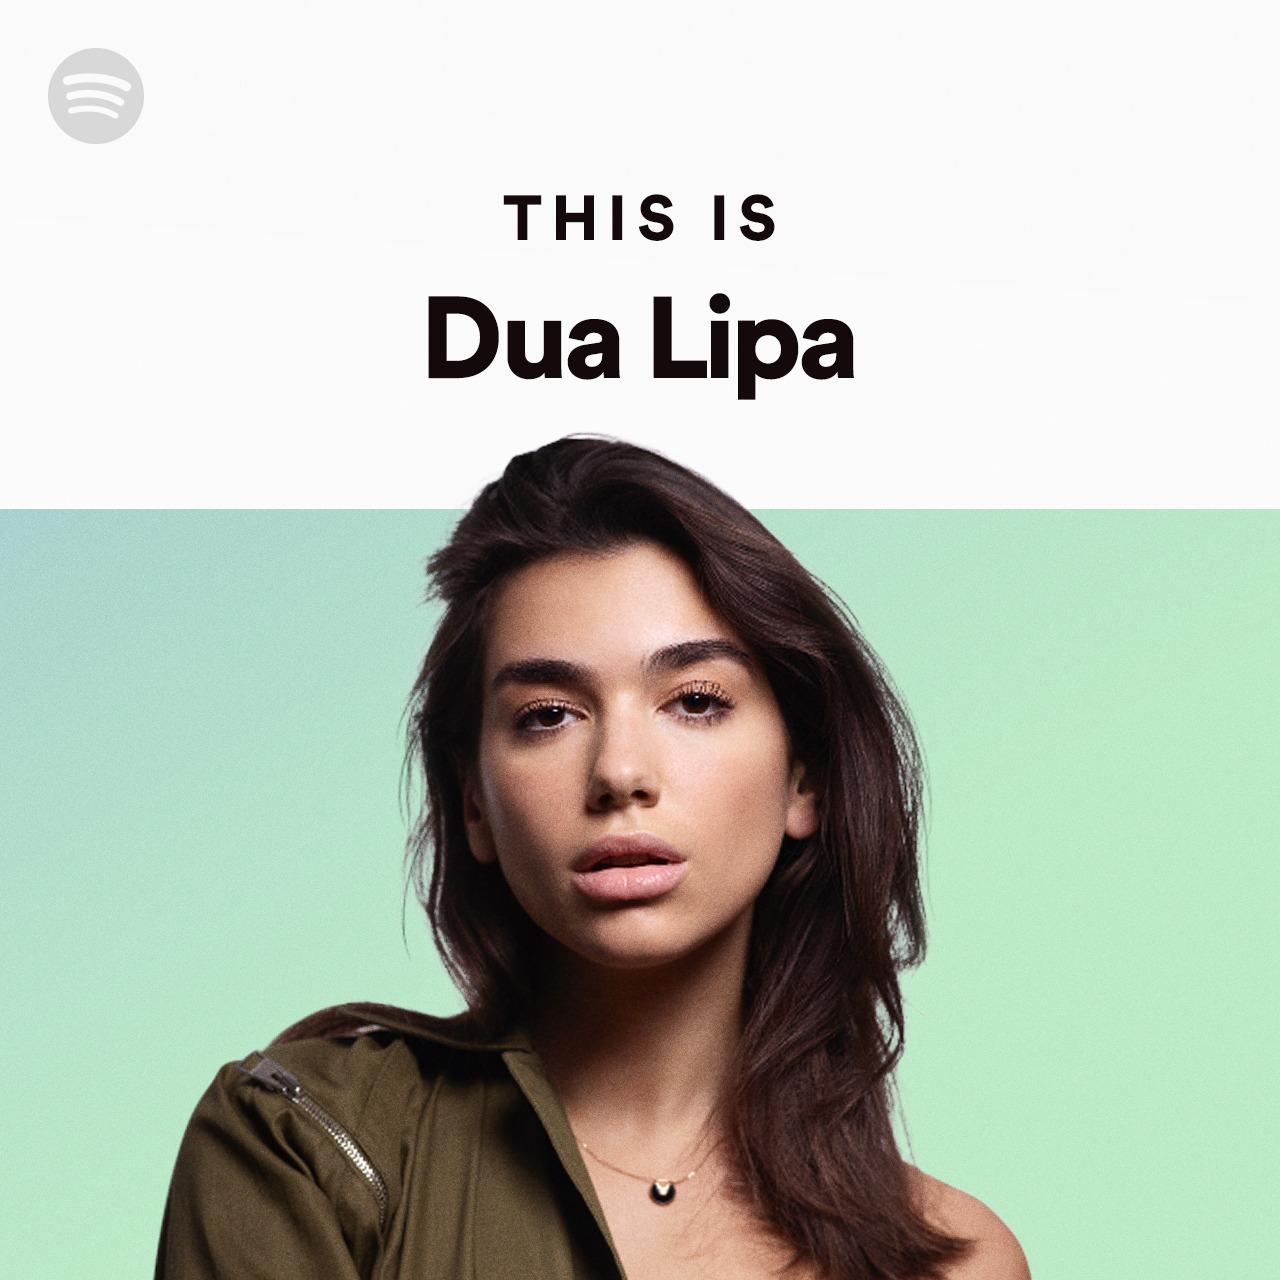 Dua Lipa ศิลปินหญิงที่มียอดสตรีมเพลงสูงที่สุดบน Spotify พร้อมแล้วที่จะมาระเบิดความร้อนแรงในประเทศไทย 13 -